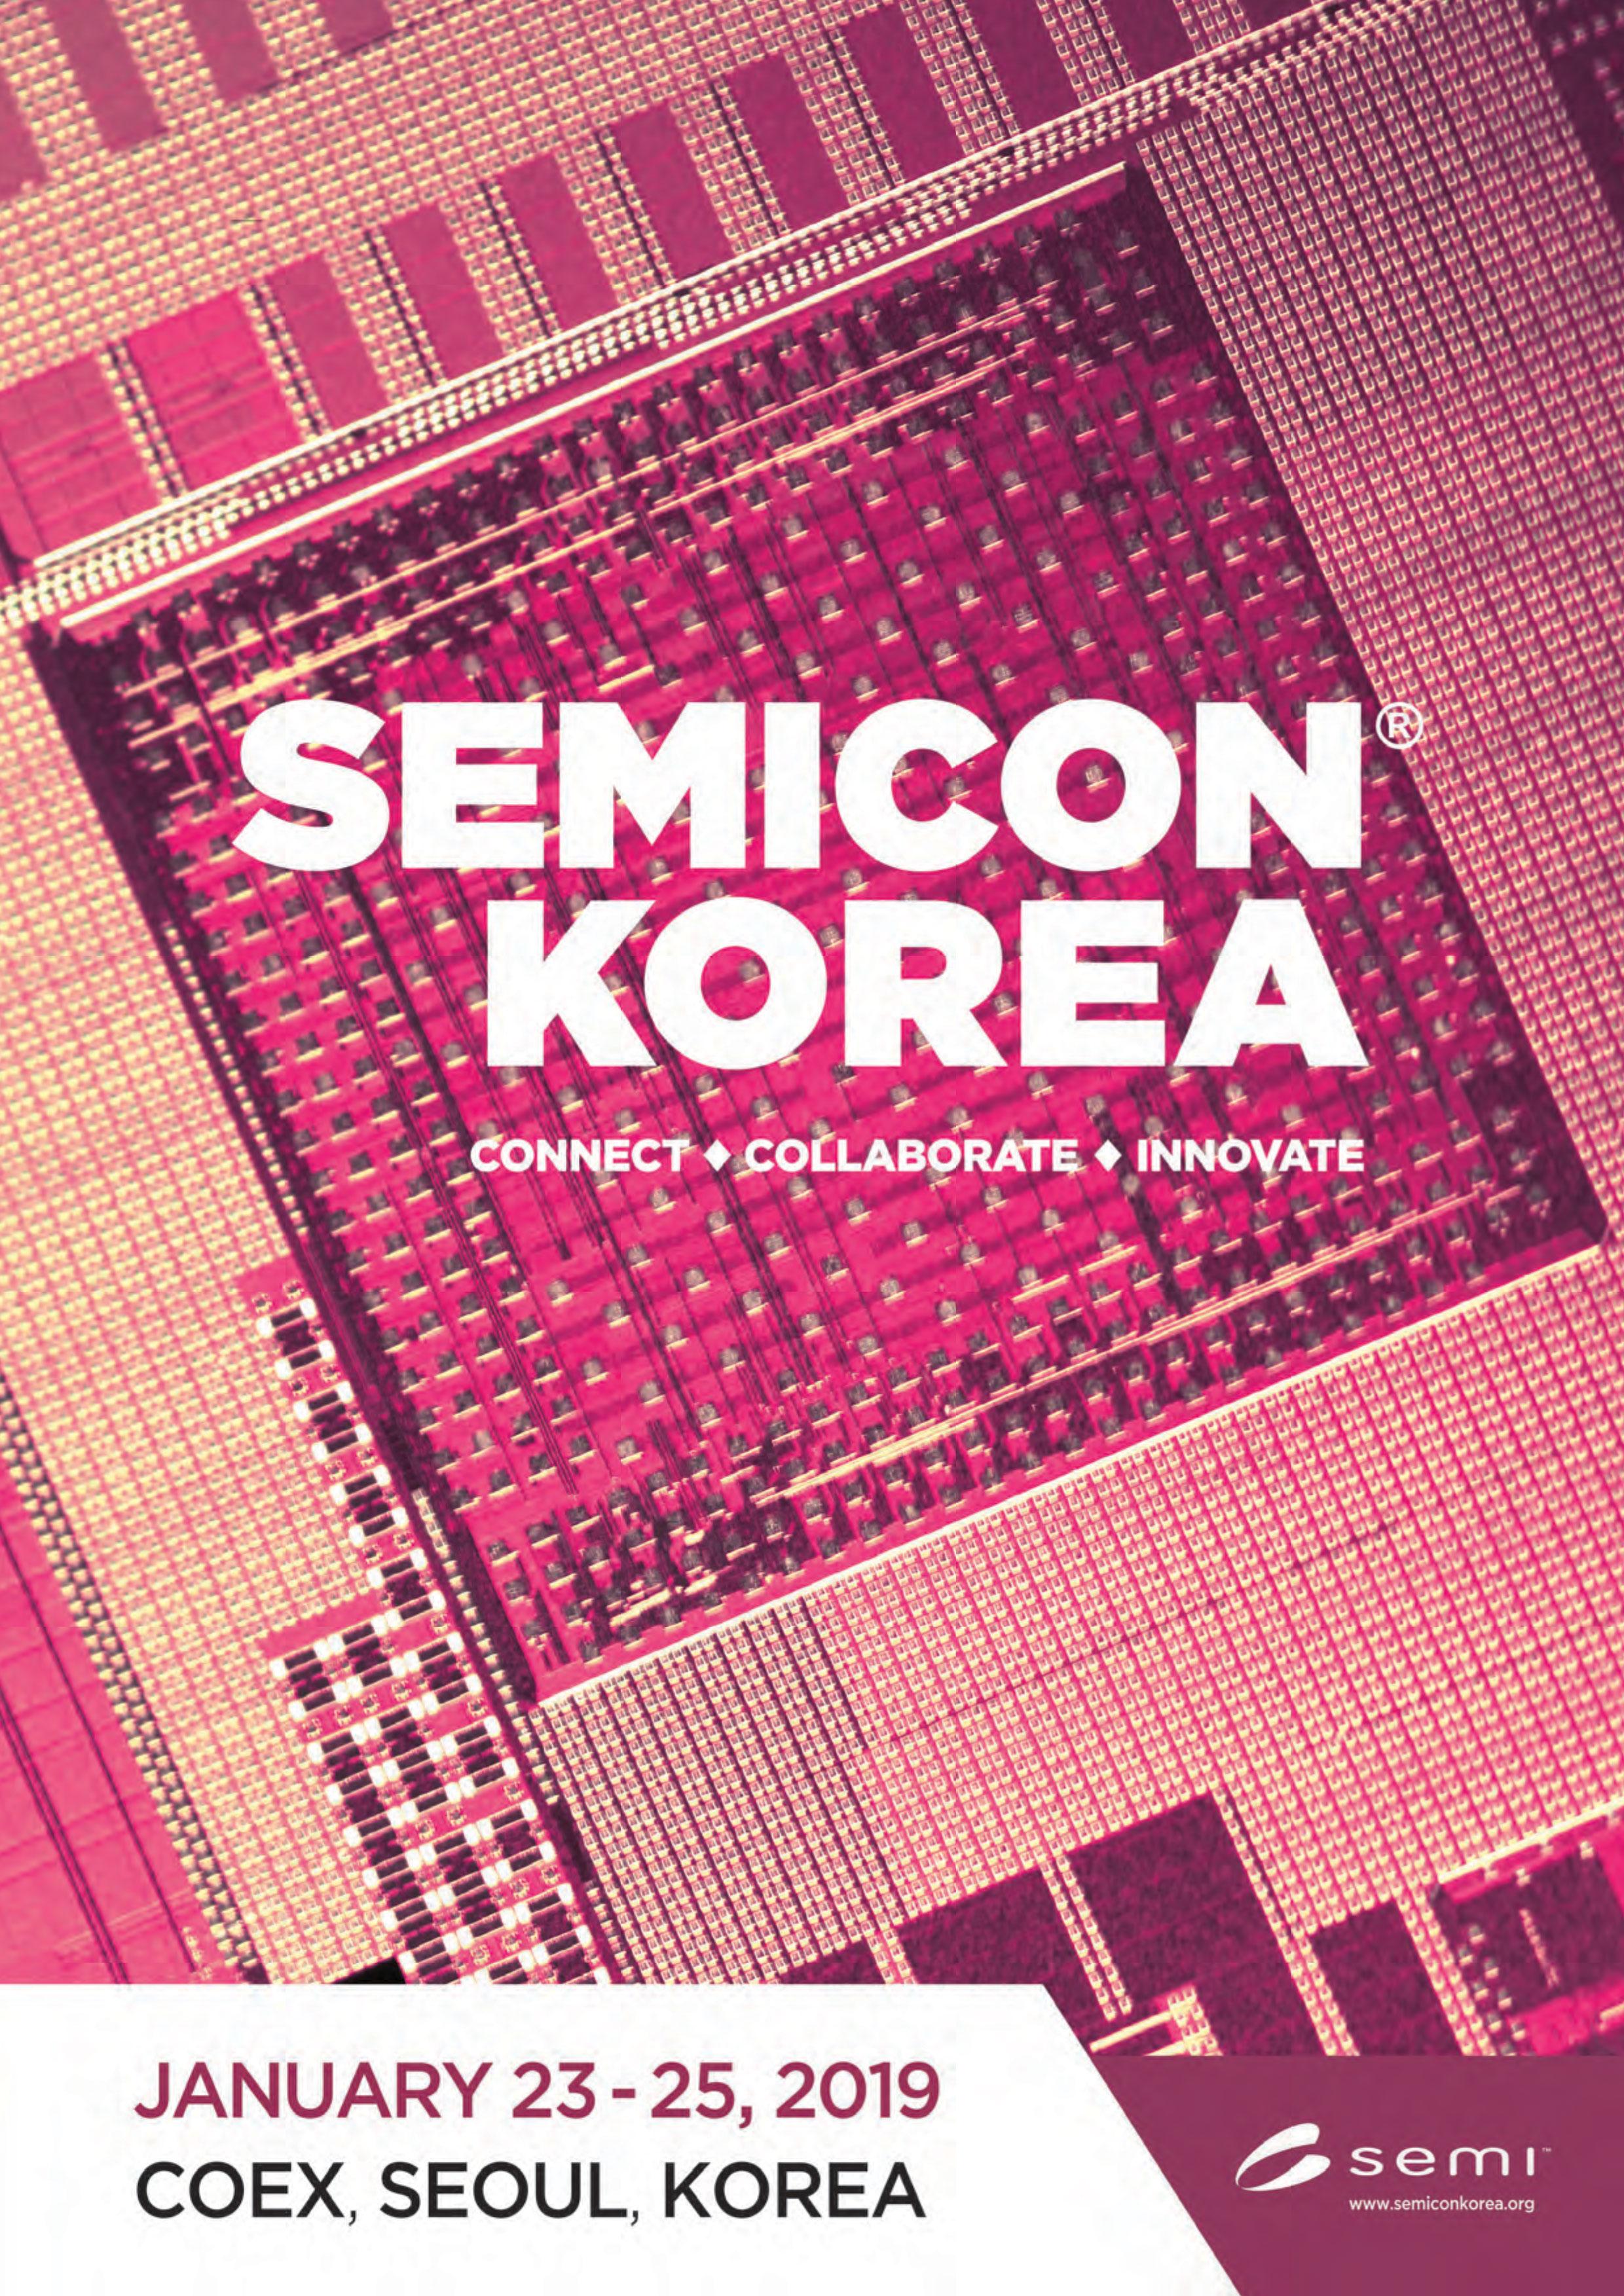 SemiconKorea